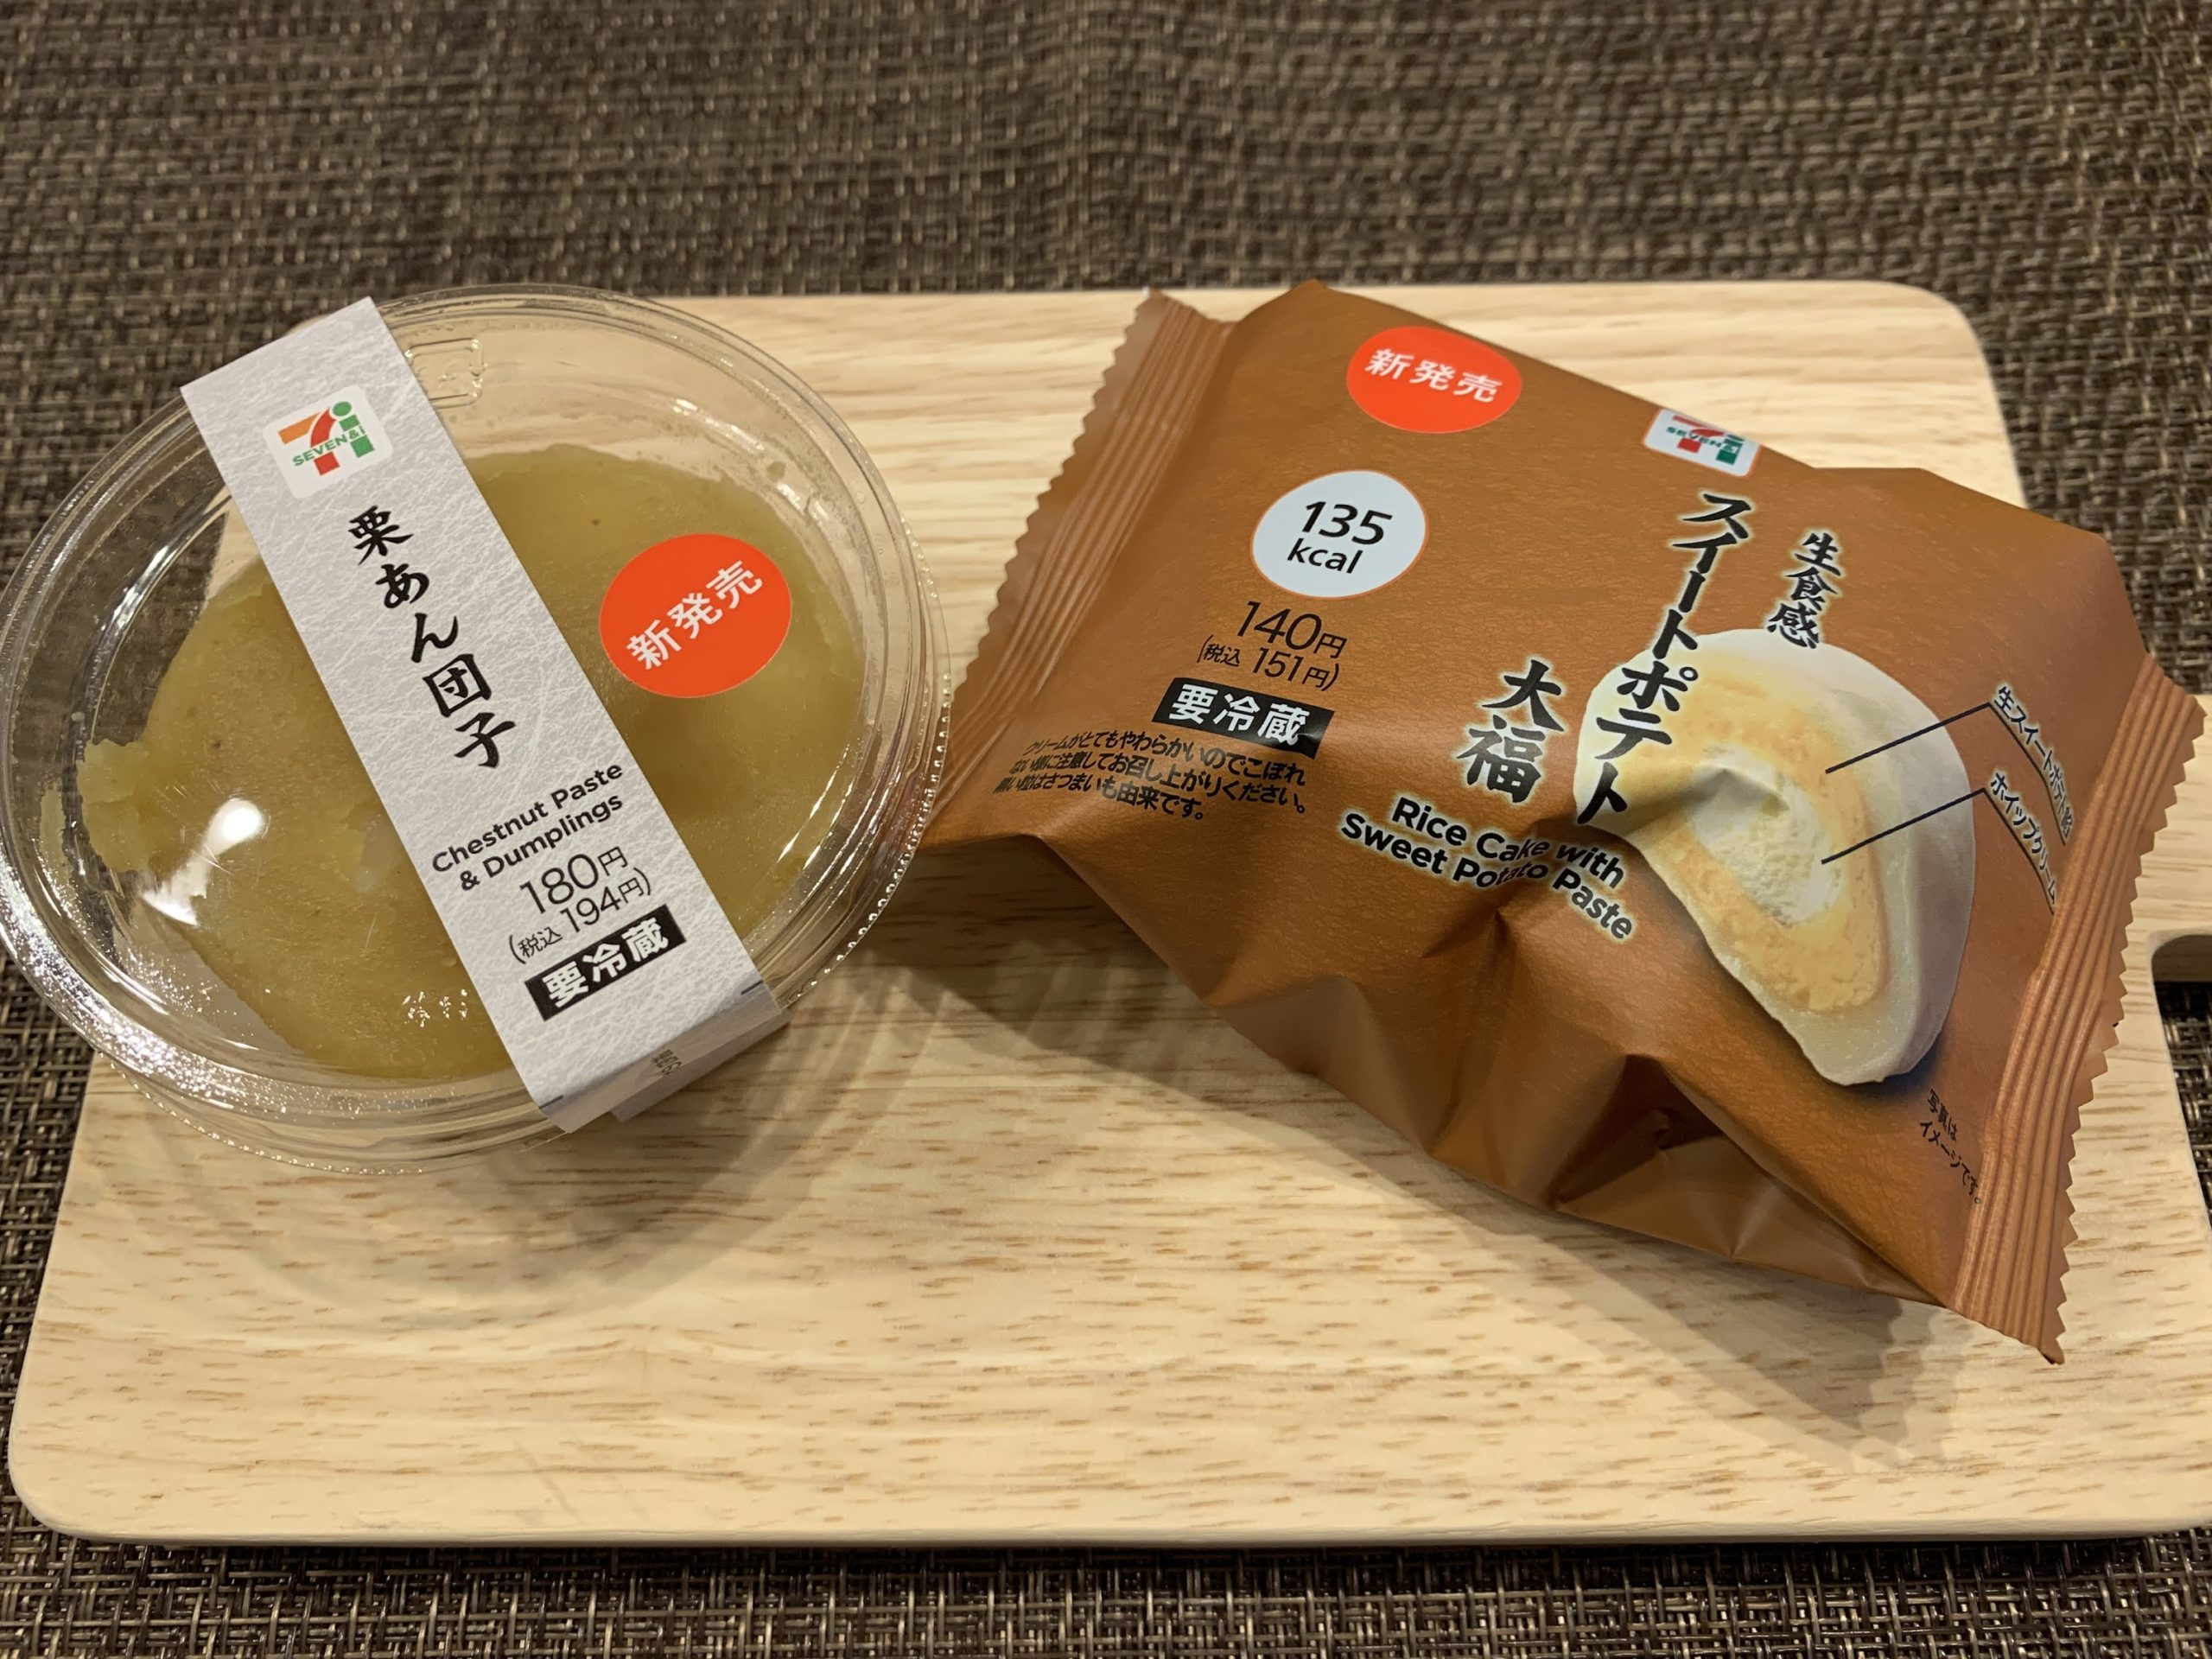 セブンスイーツ新商品・生食感スイートポテト大福&栗あん団子2020年秋